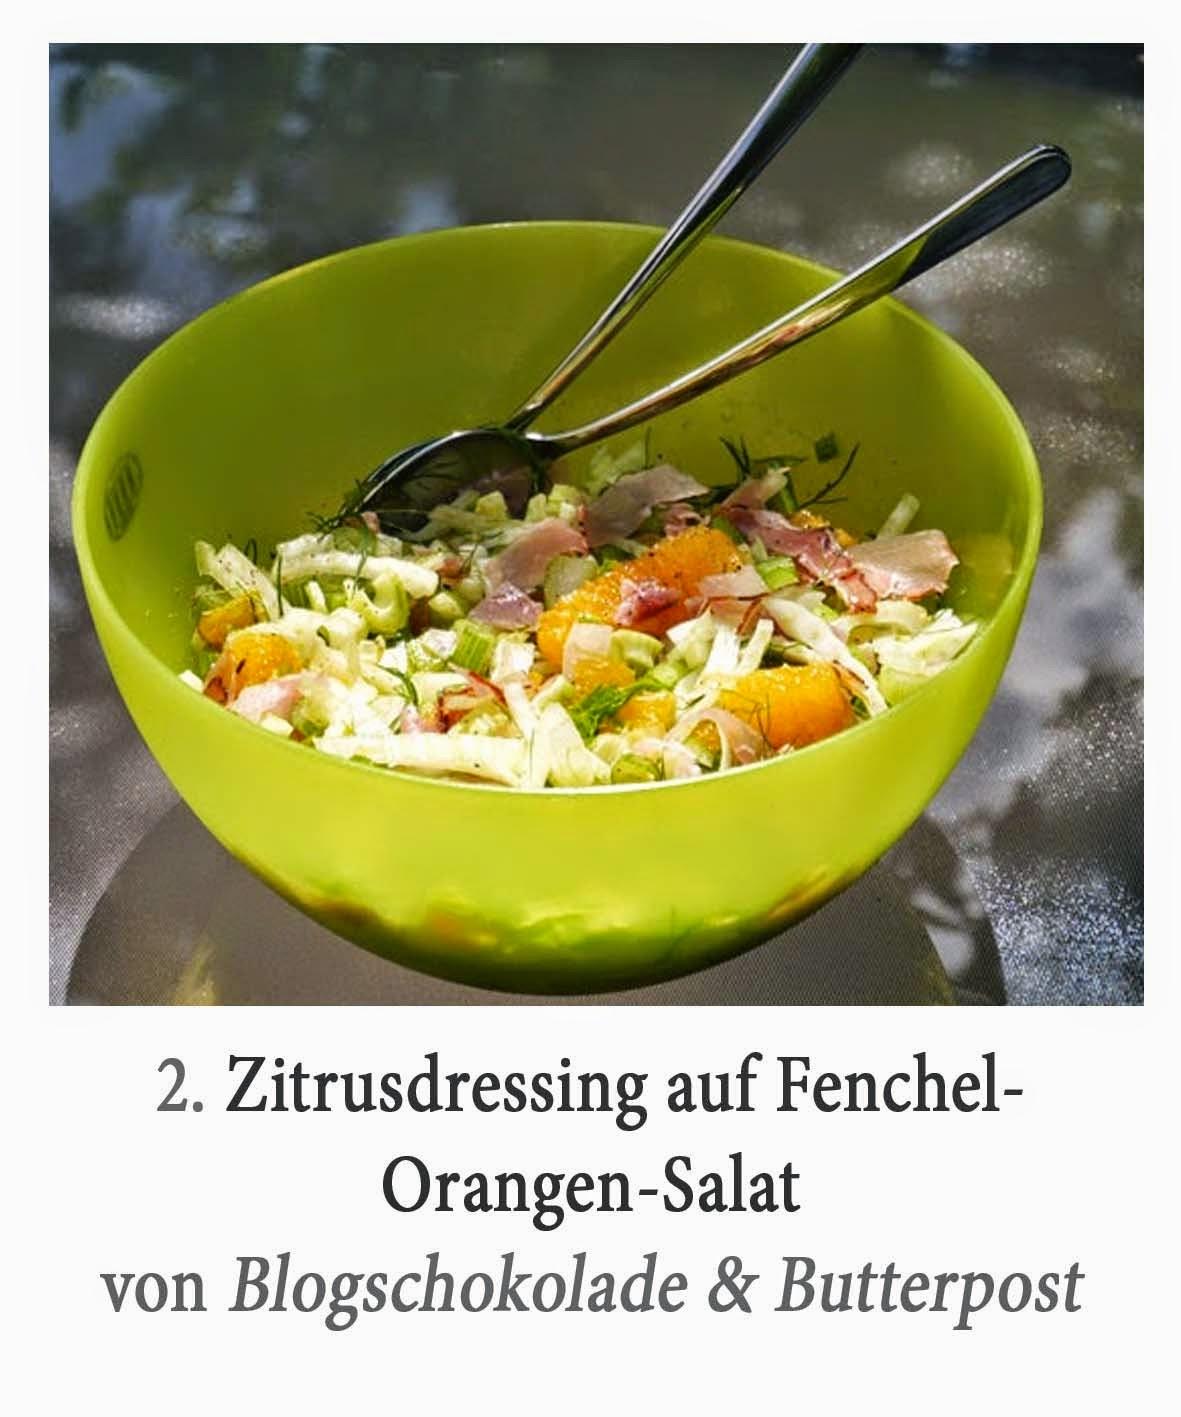 http://www.blogschokolade-butterpost.blogspot.de/2014/07/zitrusdressing-auf-fenchel-orangen-salat.html